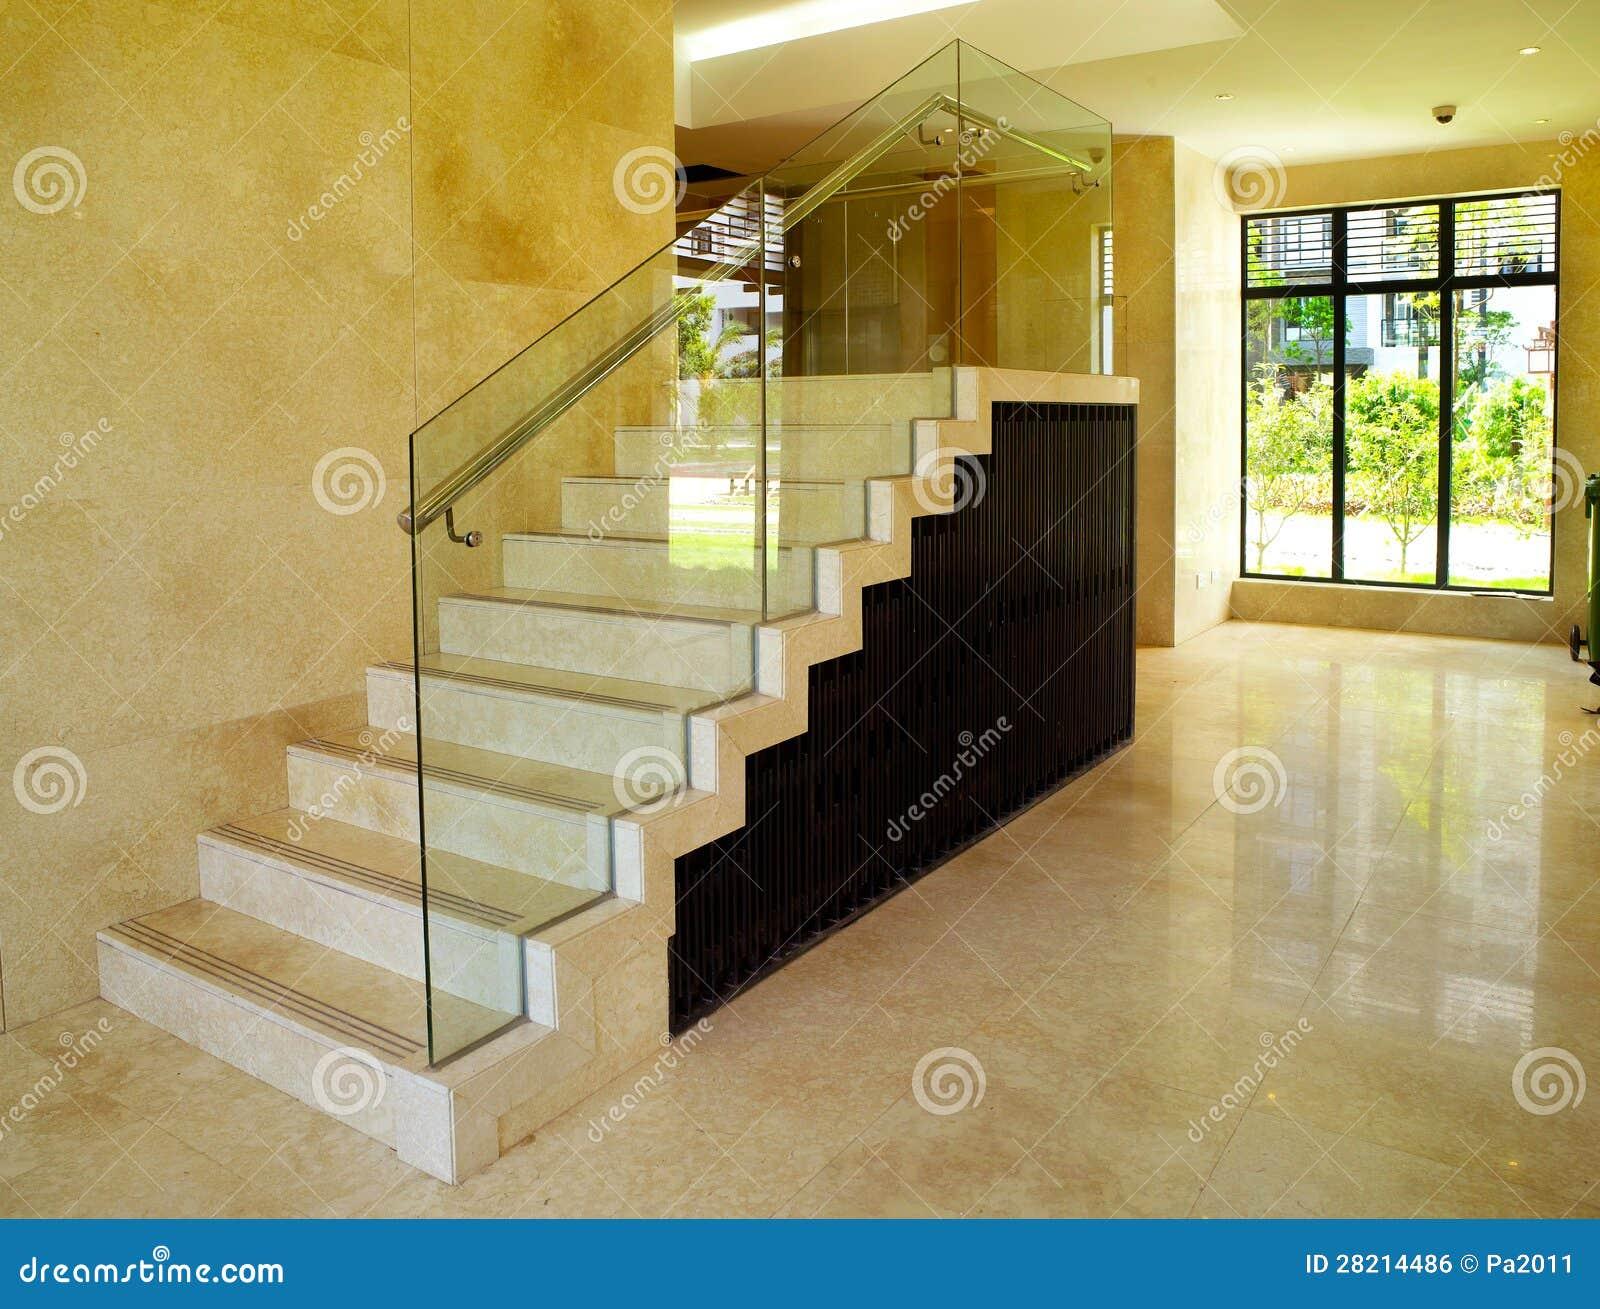 Dise o interior moderno escalera imagen de archivo libre - Diseno de una escalera ...